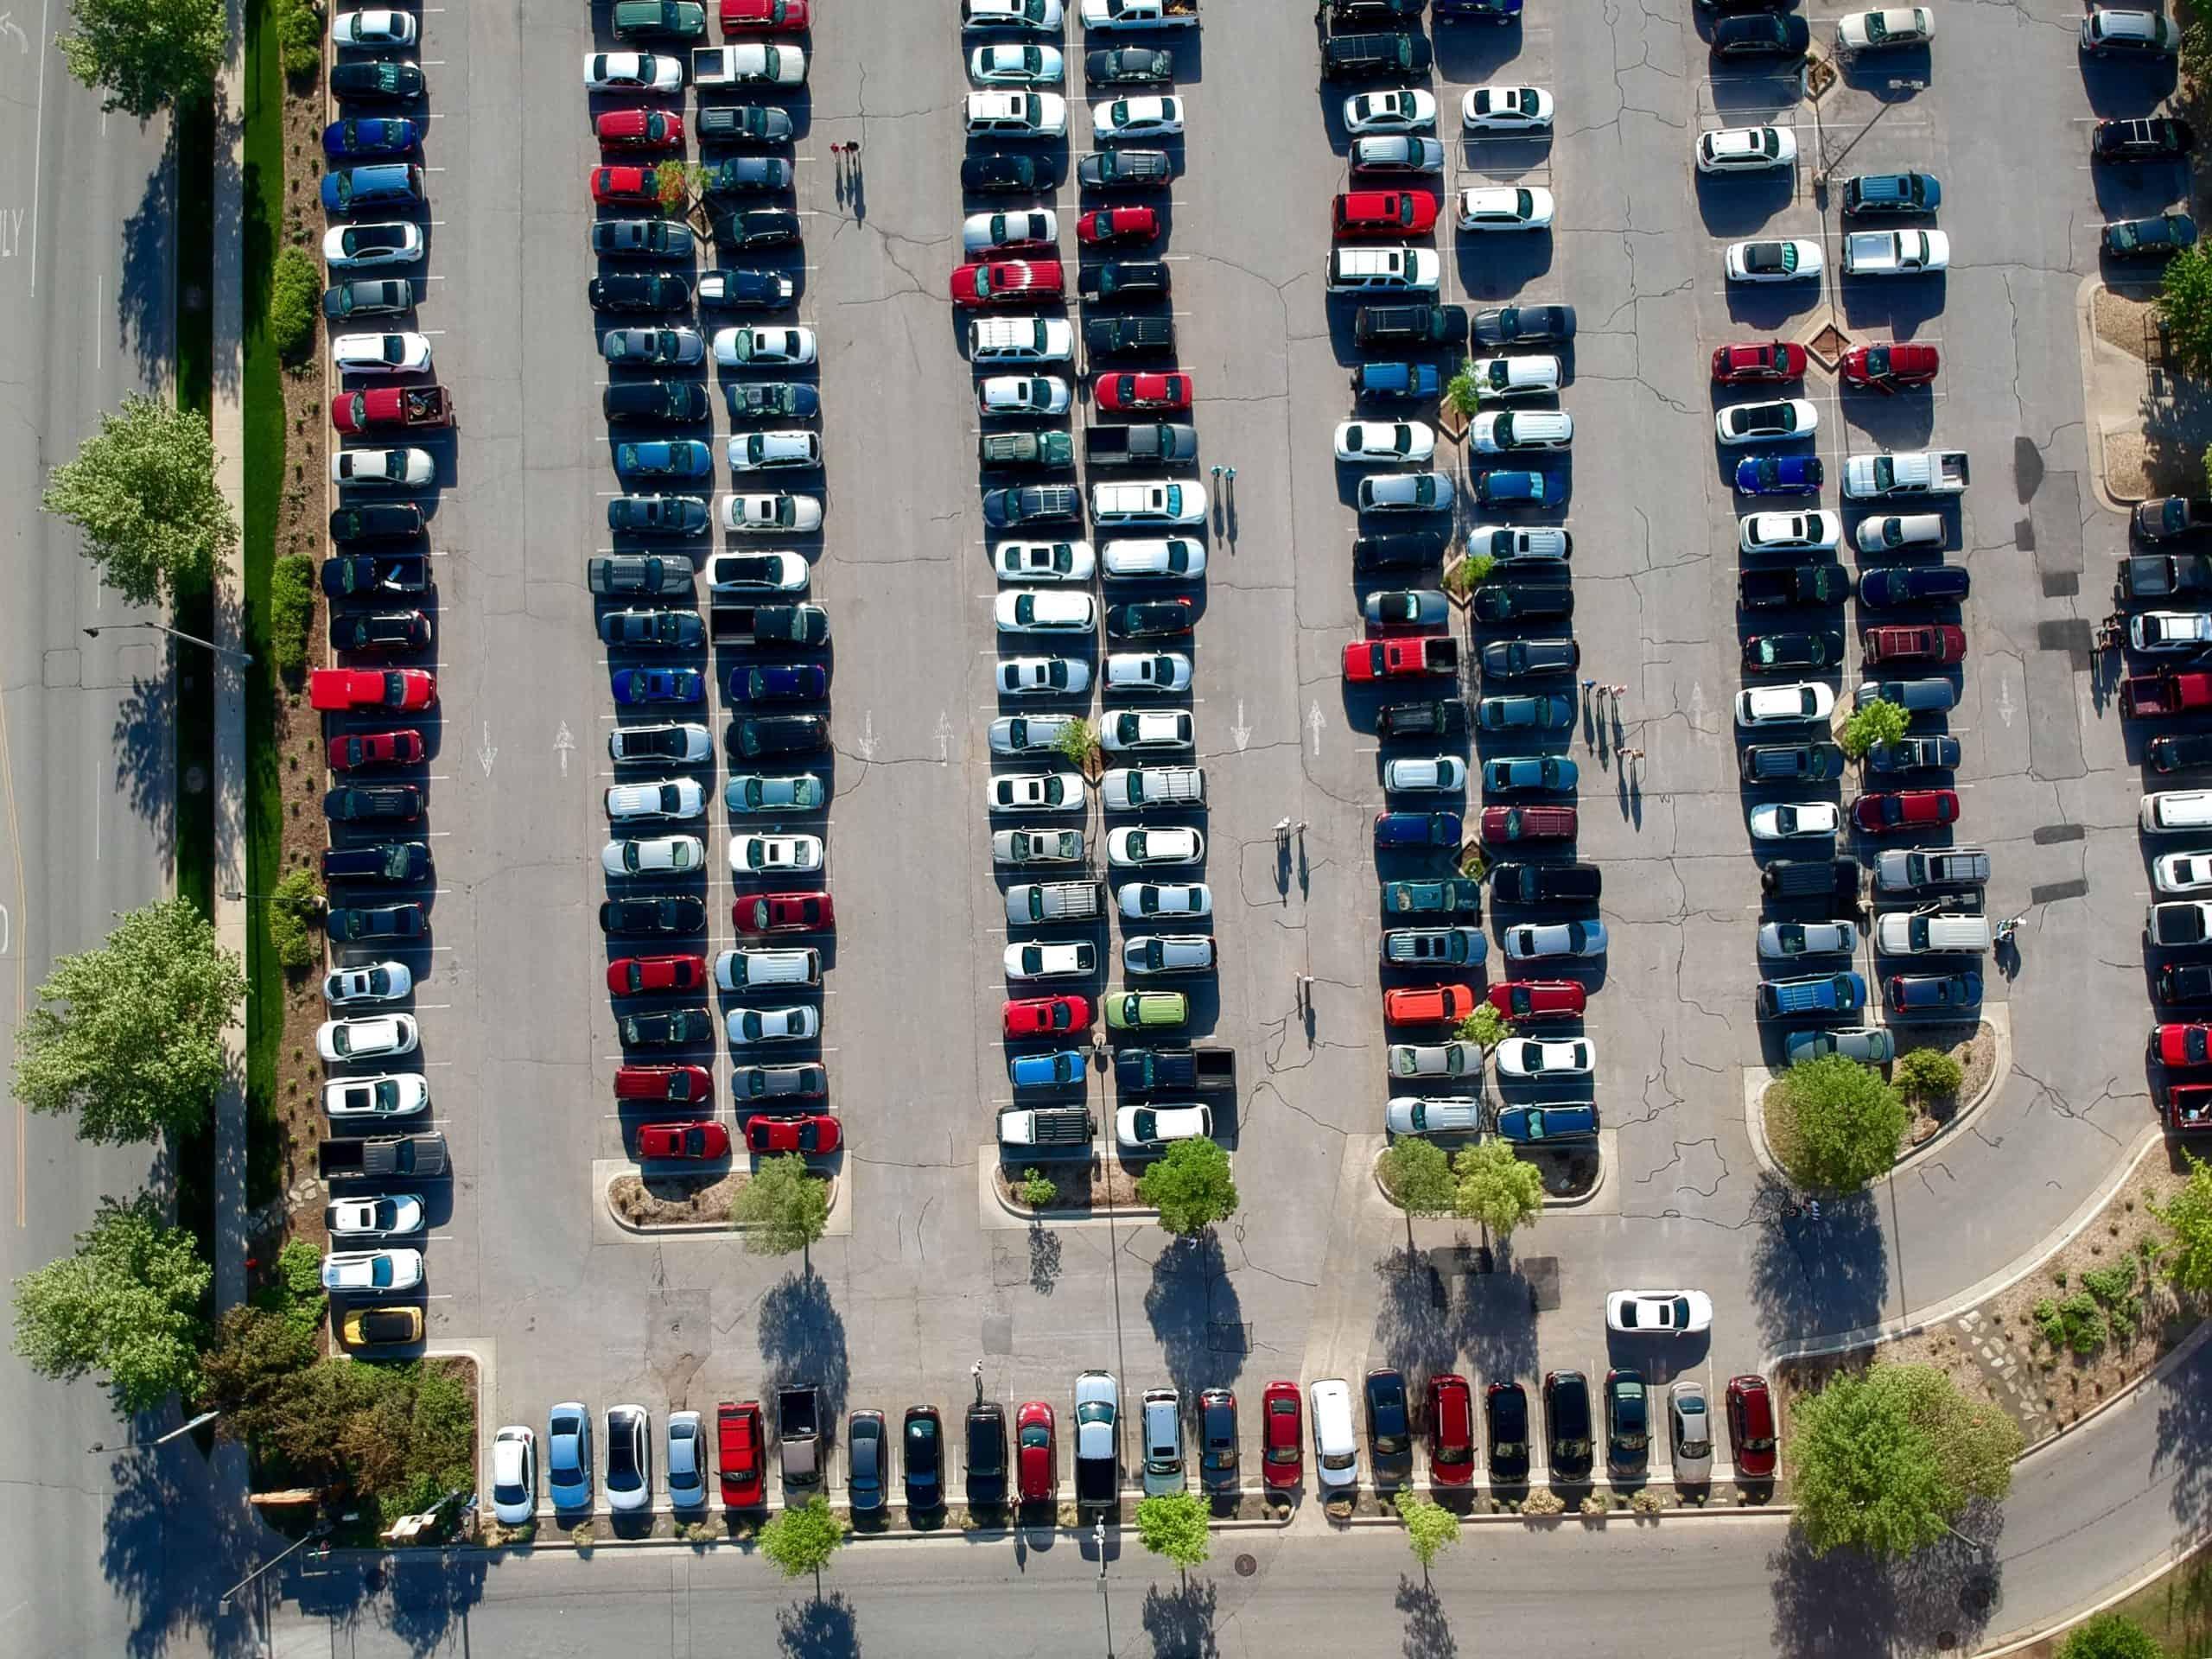 Luftbidaufnahme eines voll besetzen Parkplatzes